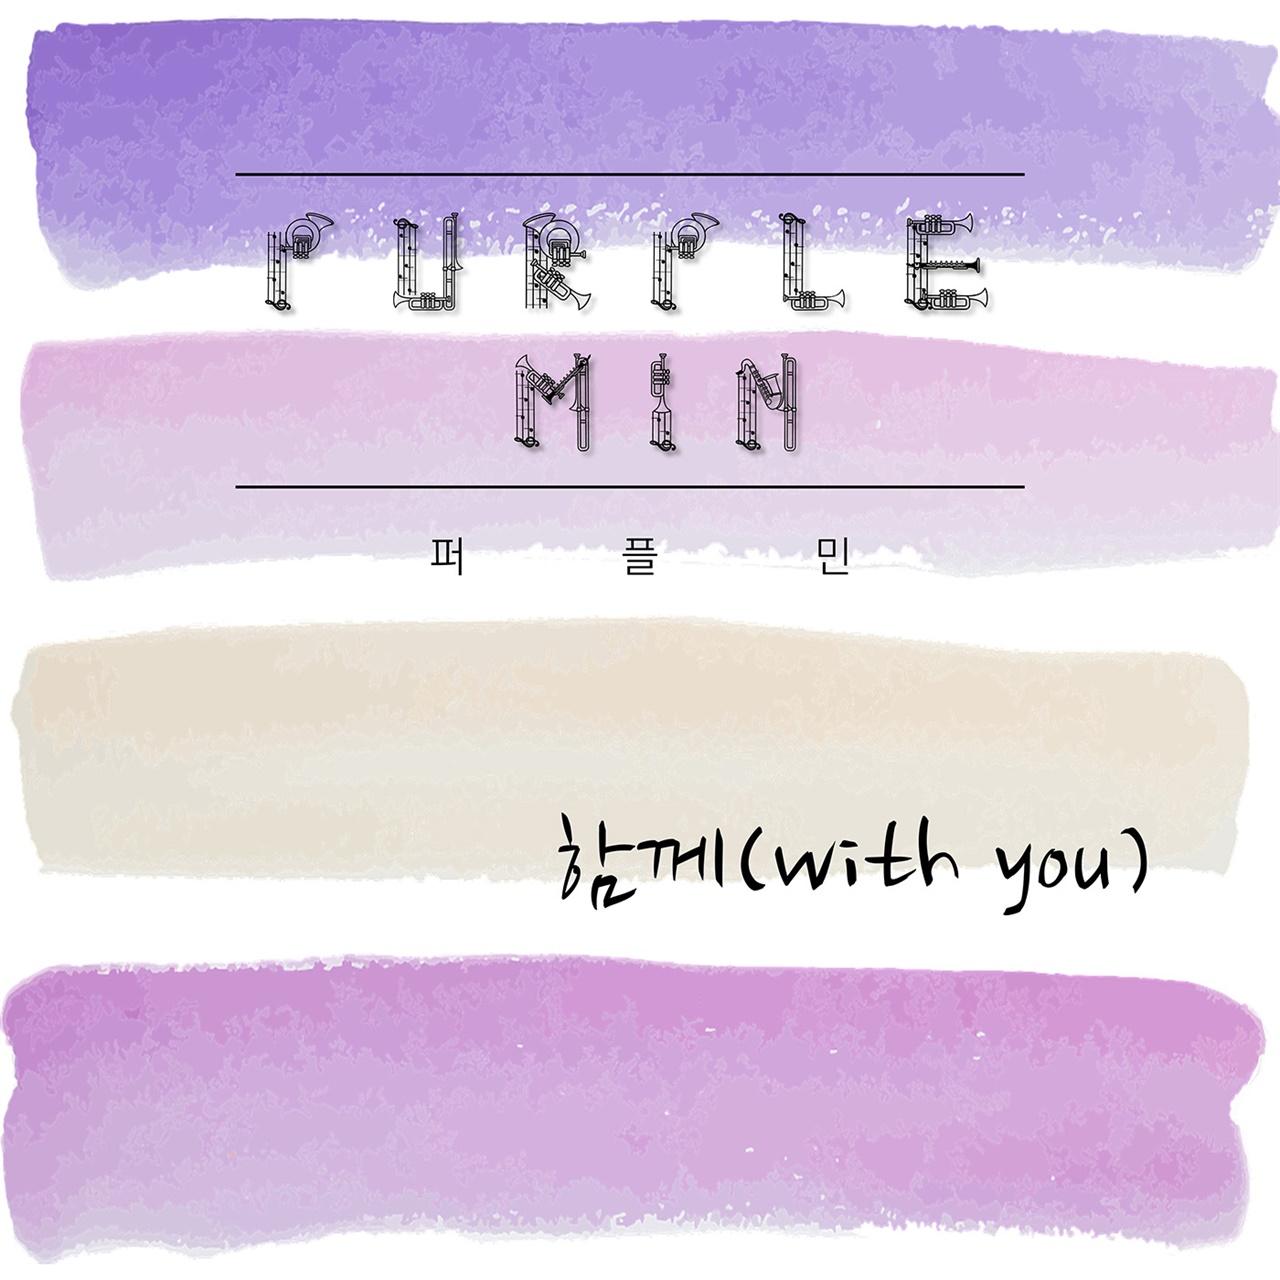 '퍼플민'의 '함께(with you)' 새 음원 재킷